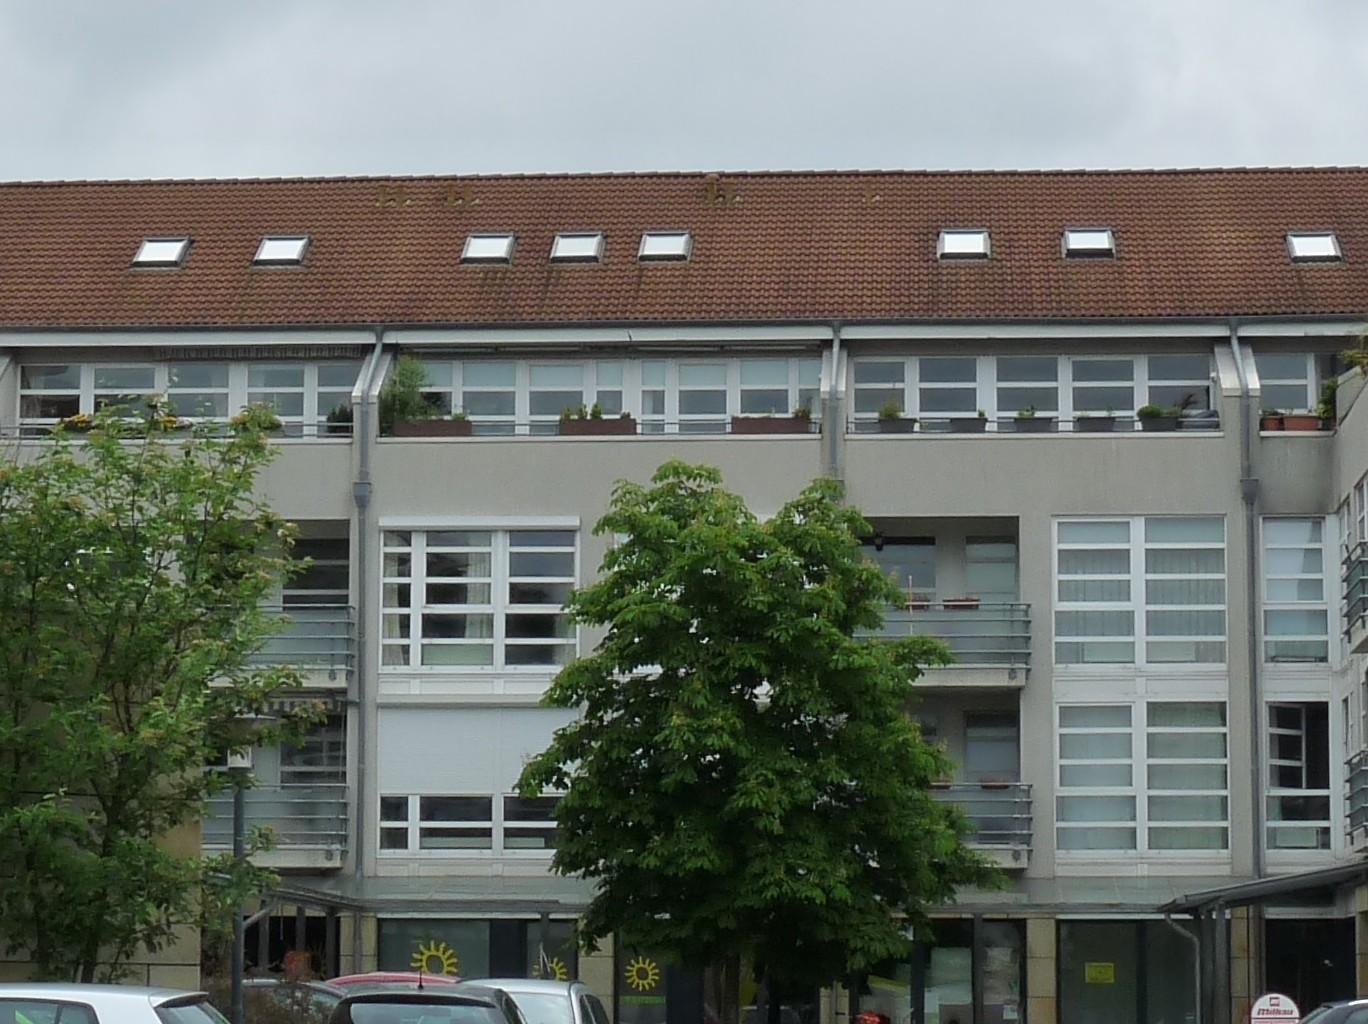 Eigentumswohnung, IK Immobilien, Verkauf, Braunschweig, Stöckheim